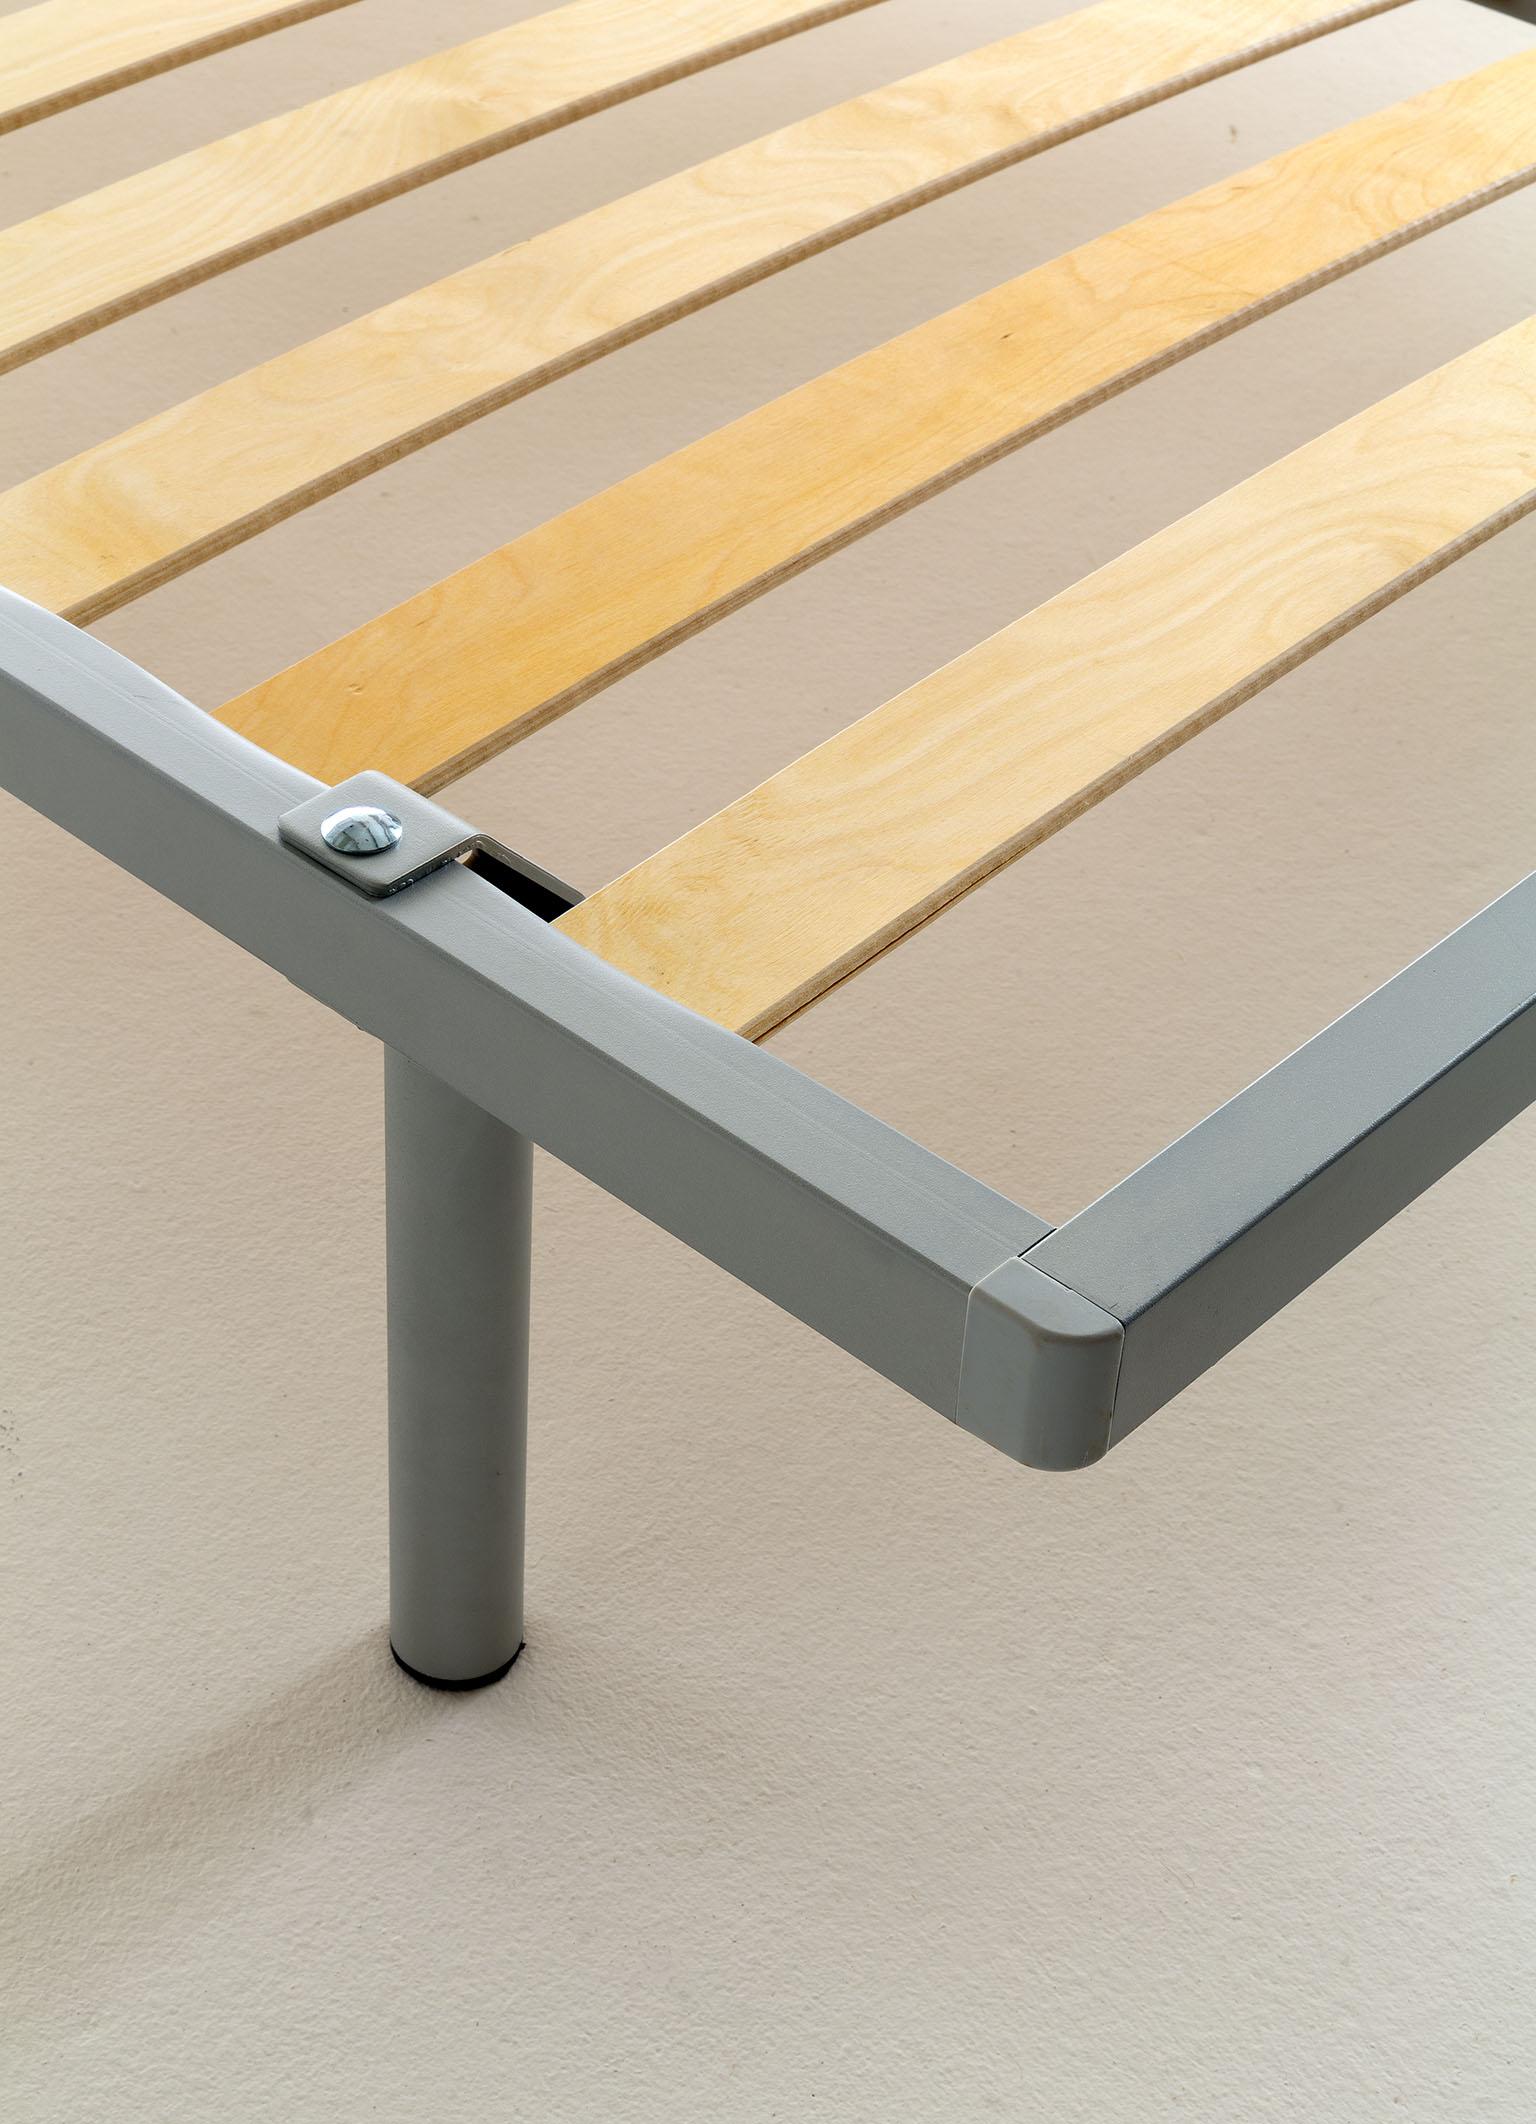 Wooden Slats Frame, Mattresses, Wooden Frames, Bedroom Furniture